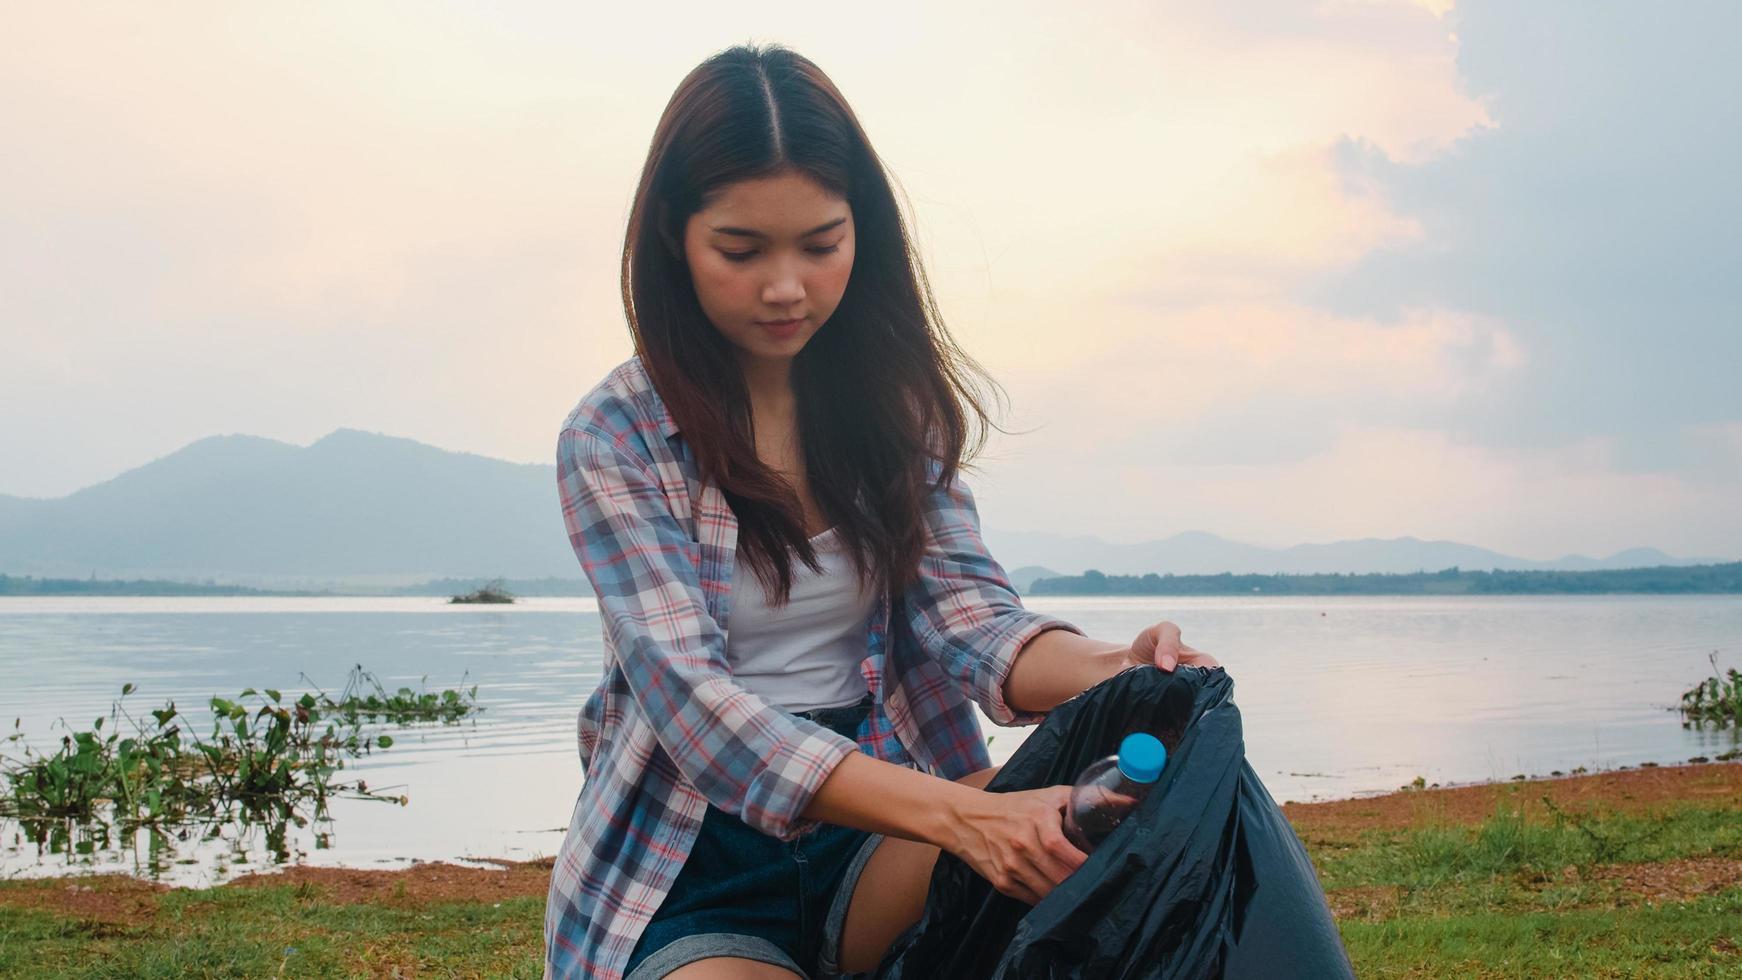 jonge Aziatische vrouwelijke activist op het strand. foto